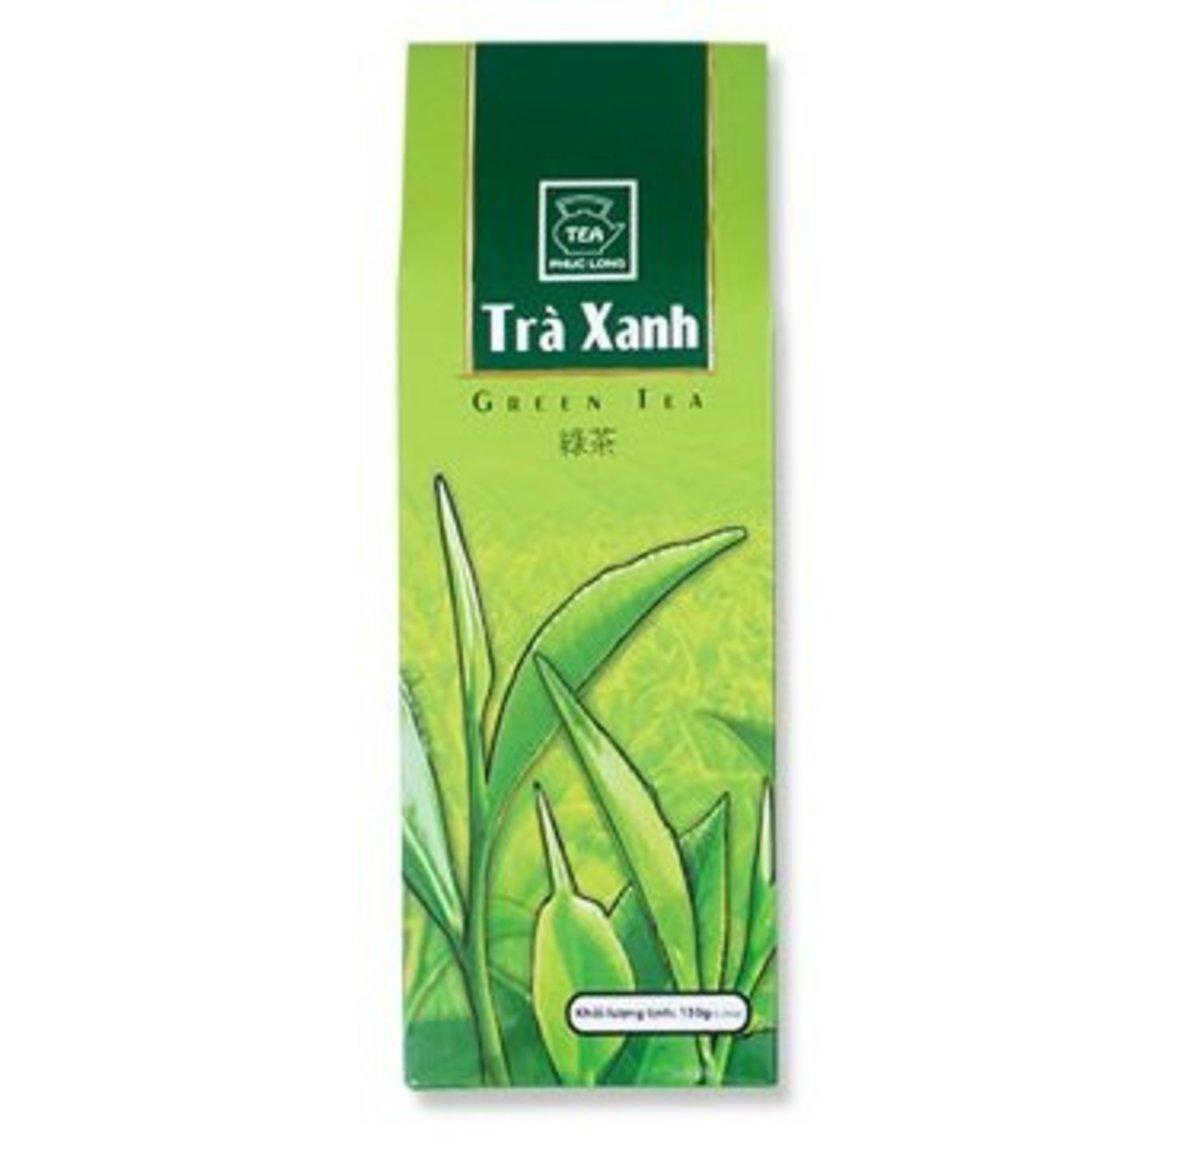 越南 PHUC LONG 傳統手摘綠茶 原茶葉 紙盒裝 150g (10946)